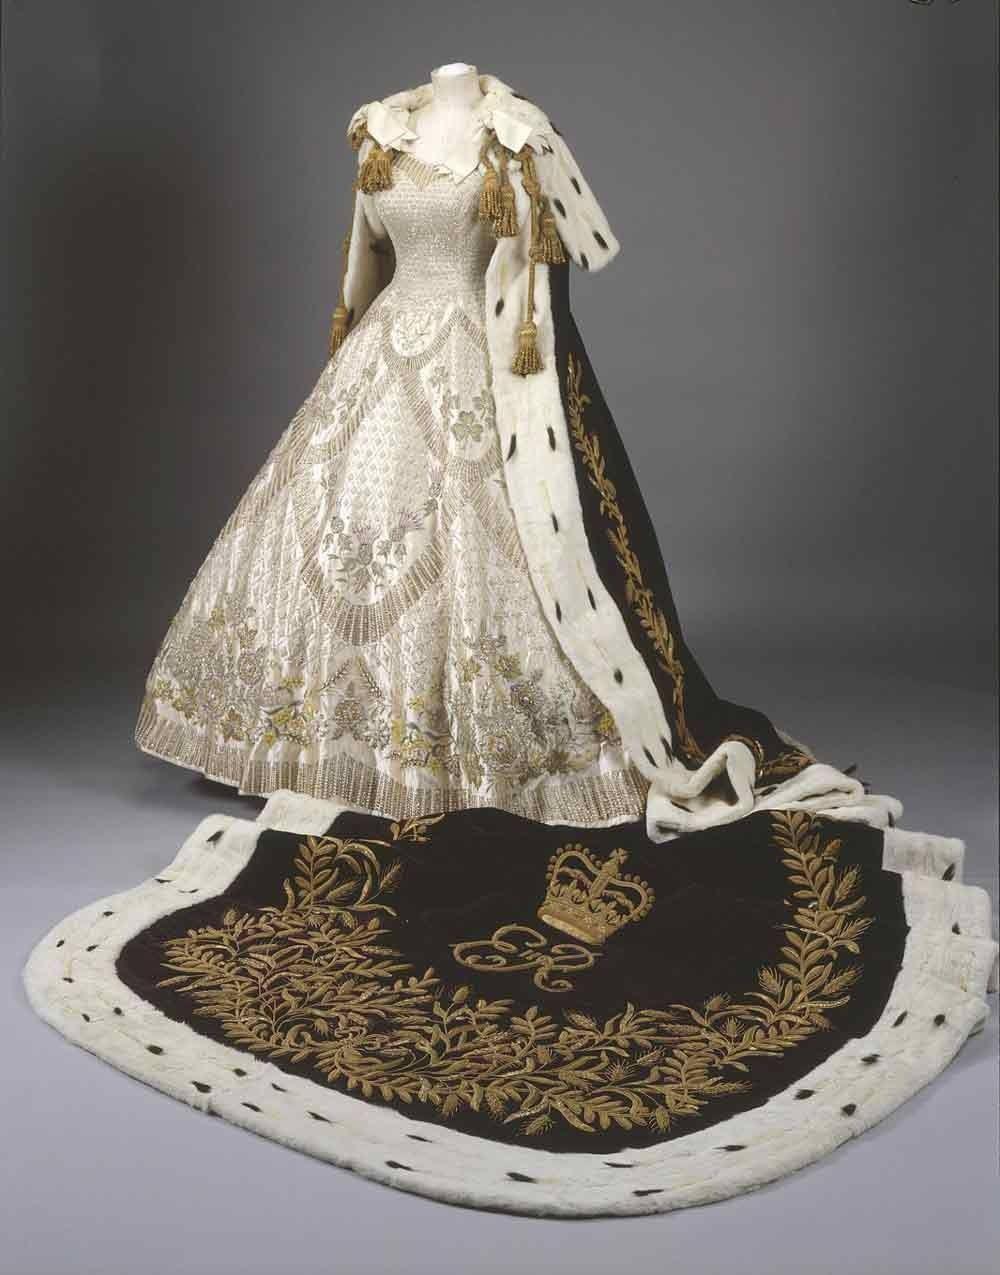 Coronation Robe of Queen Elizabeth II designed by Norman Hartnell 1953